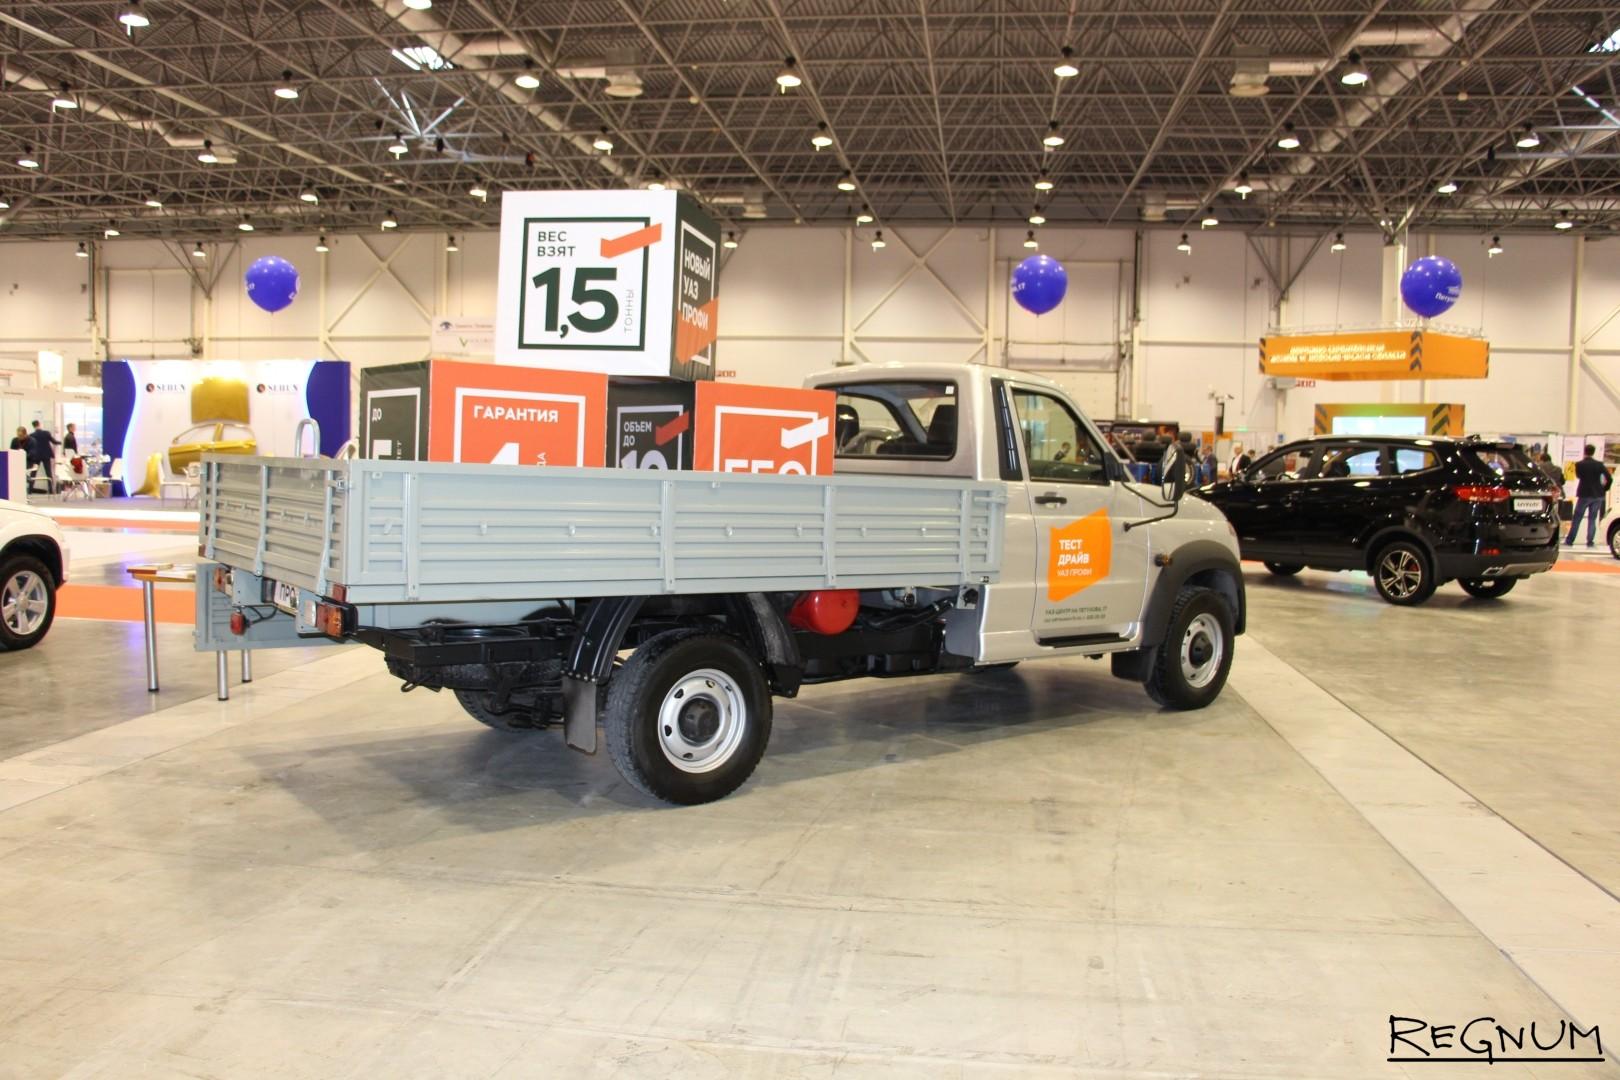 Выставка транспортно-логистических услуг, коммерческого транспорта и спецтехники в Новосибирске